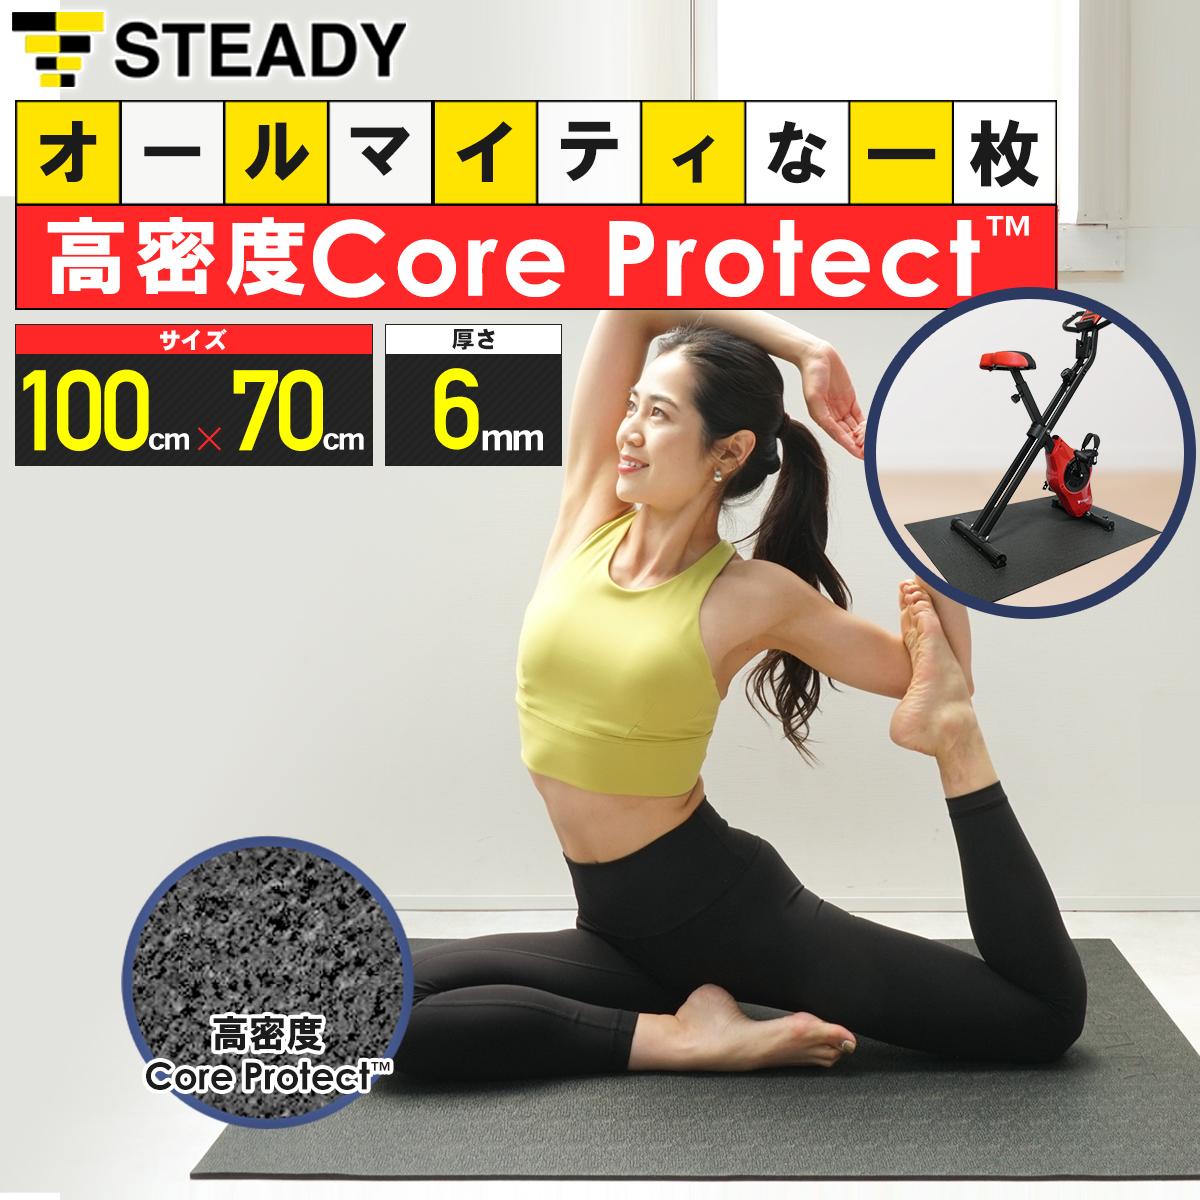 高密度Core Protect 厚さ6mm 滑りにくいグリップ 断熱素材 耐水 耐摩耗 高耐久性 トレーニングマット 防音防振 衝撃吸収 床保護 軽量 STEADY 買物 ST137-70 1年保証 抗菌 100×70cm フロアマット 筋トレマット ステディ 完全送料無料 ストレッチマット